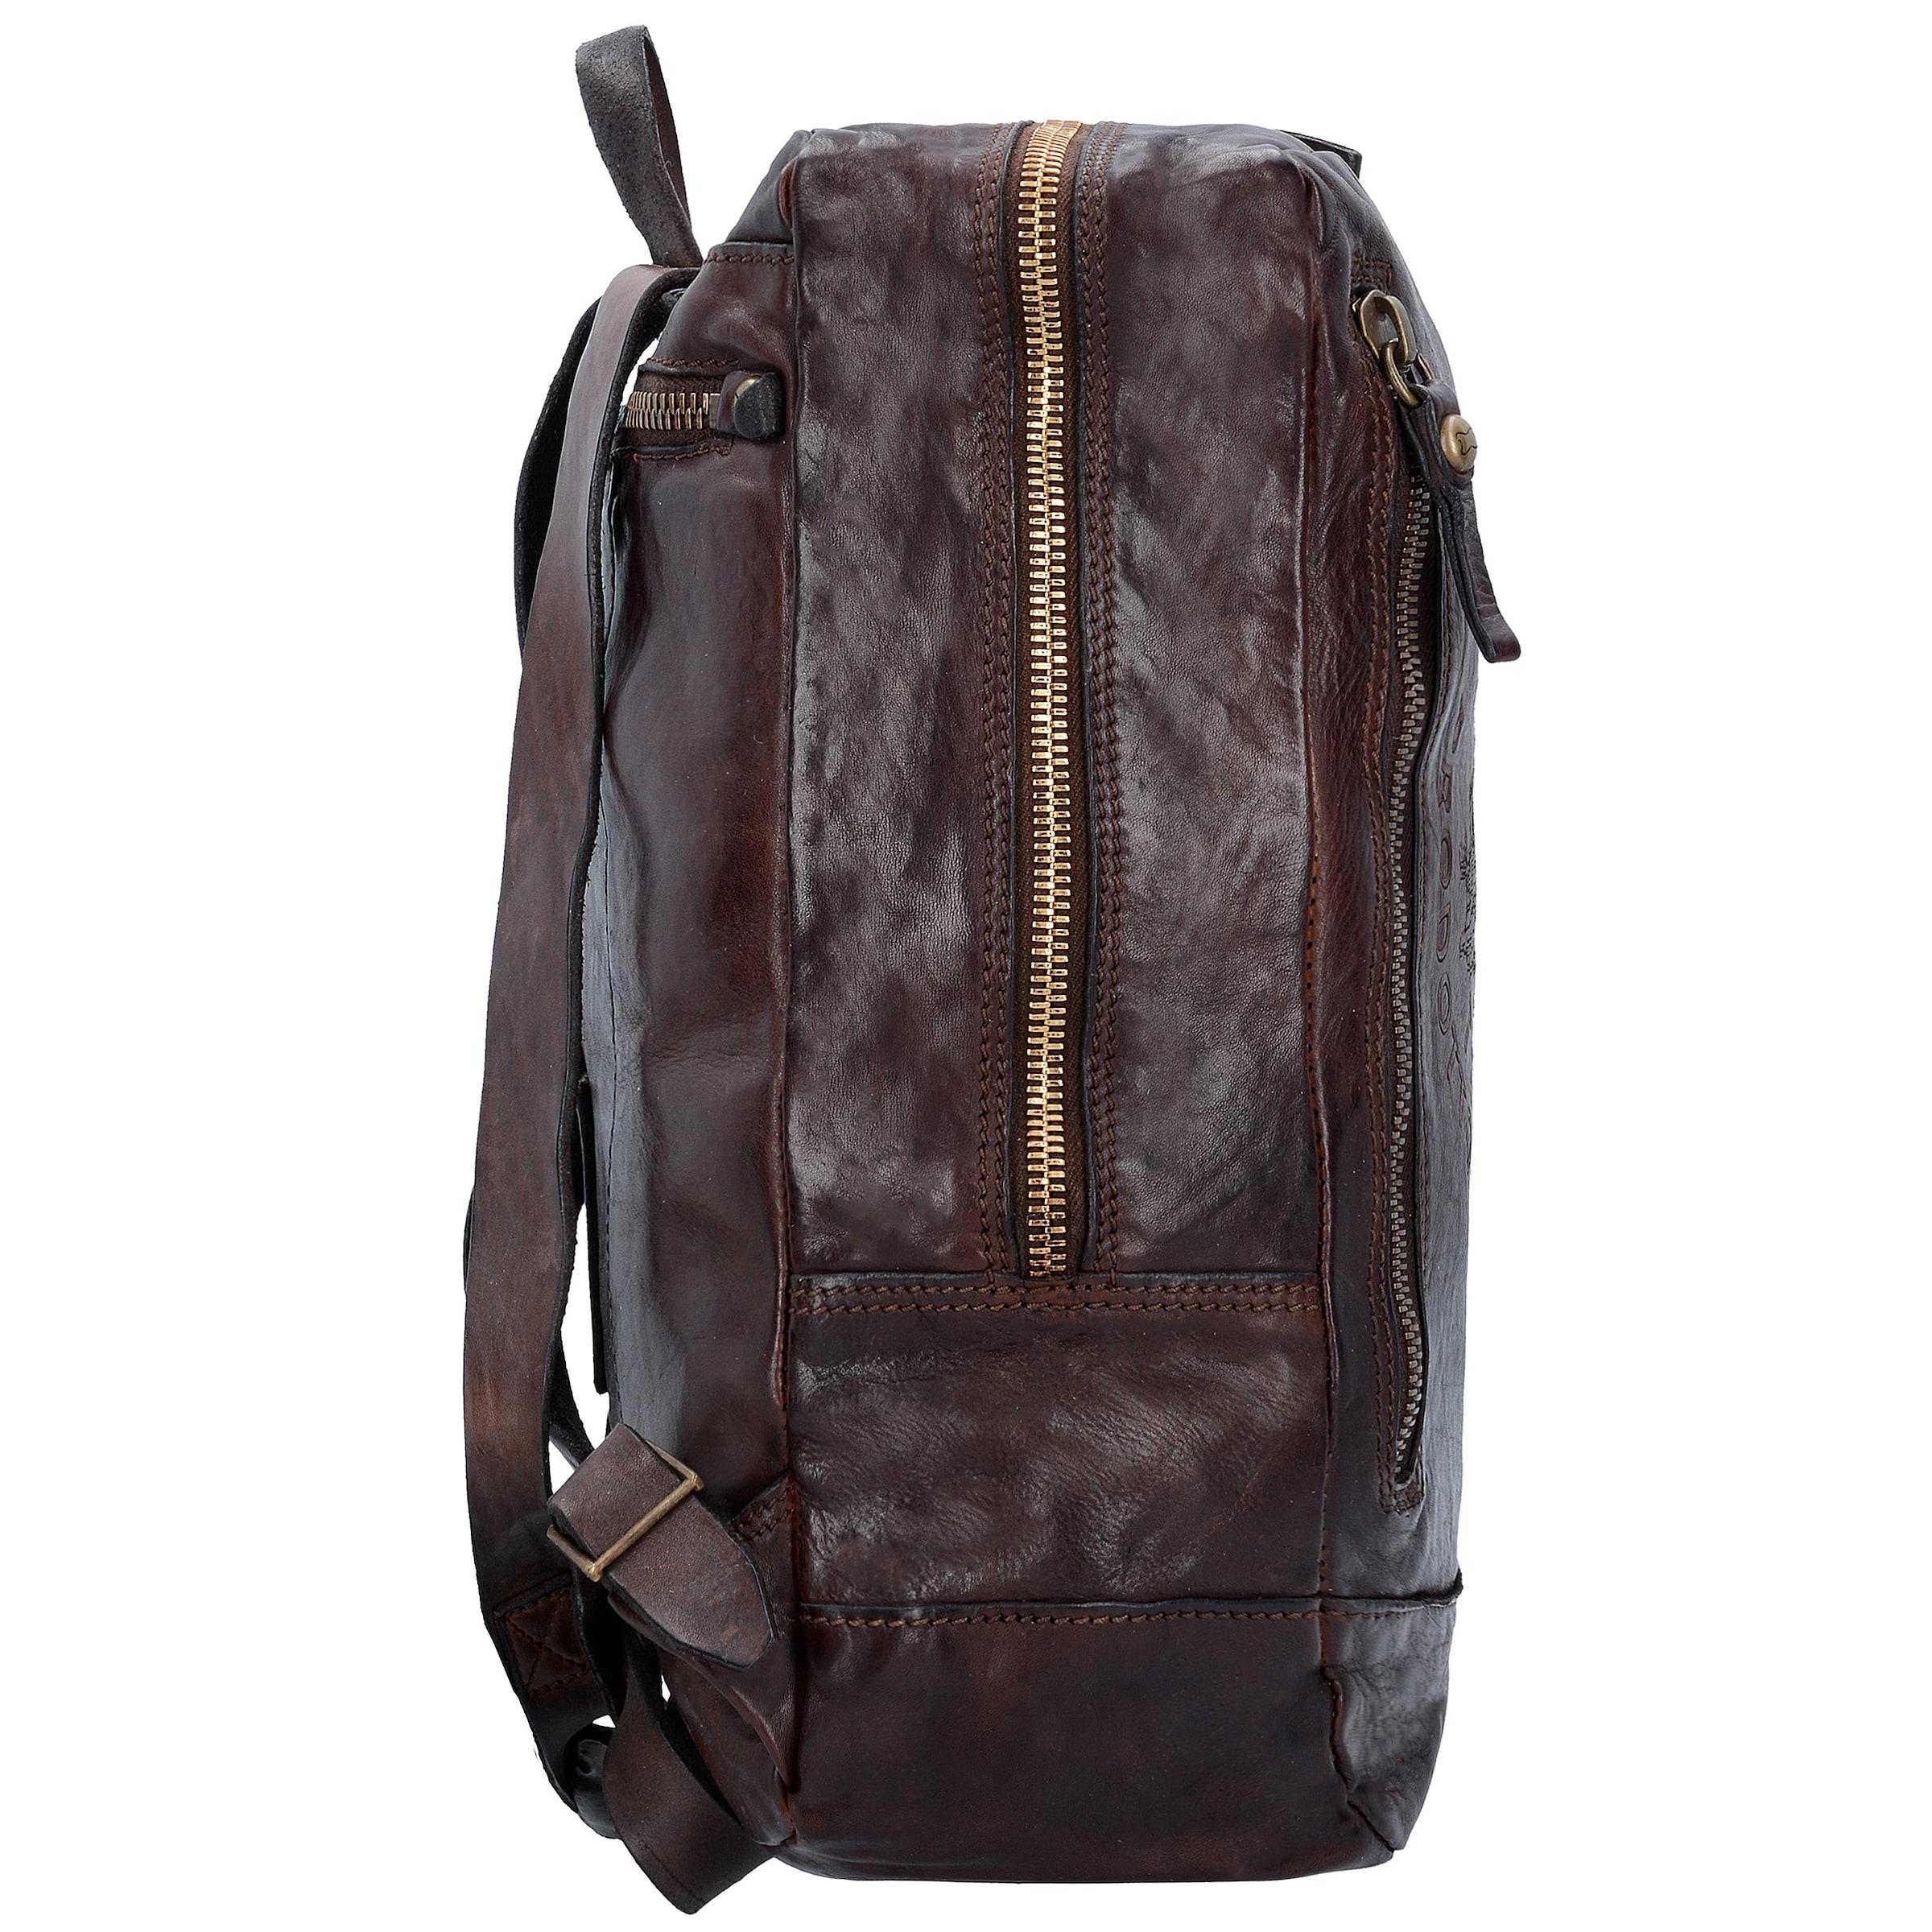 Mode-Stil Online-Verkauf Campomaggi Traditional City Rucksack aus Leder 35 cm Viele Arten Von Günstigem Preis Niedrigsten Preis Online Discounter Günstig Kaufen Best Pick YckewG5